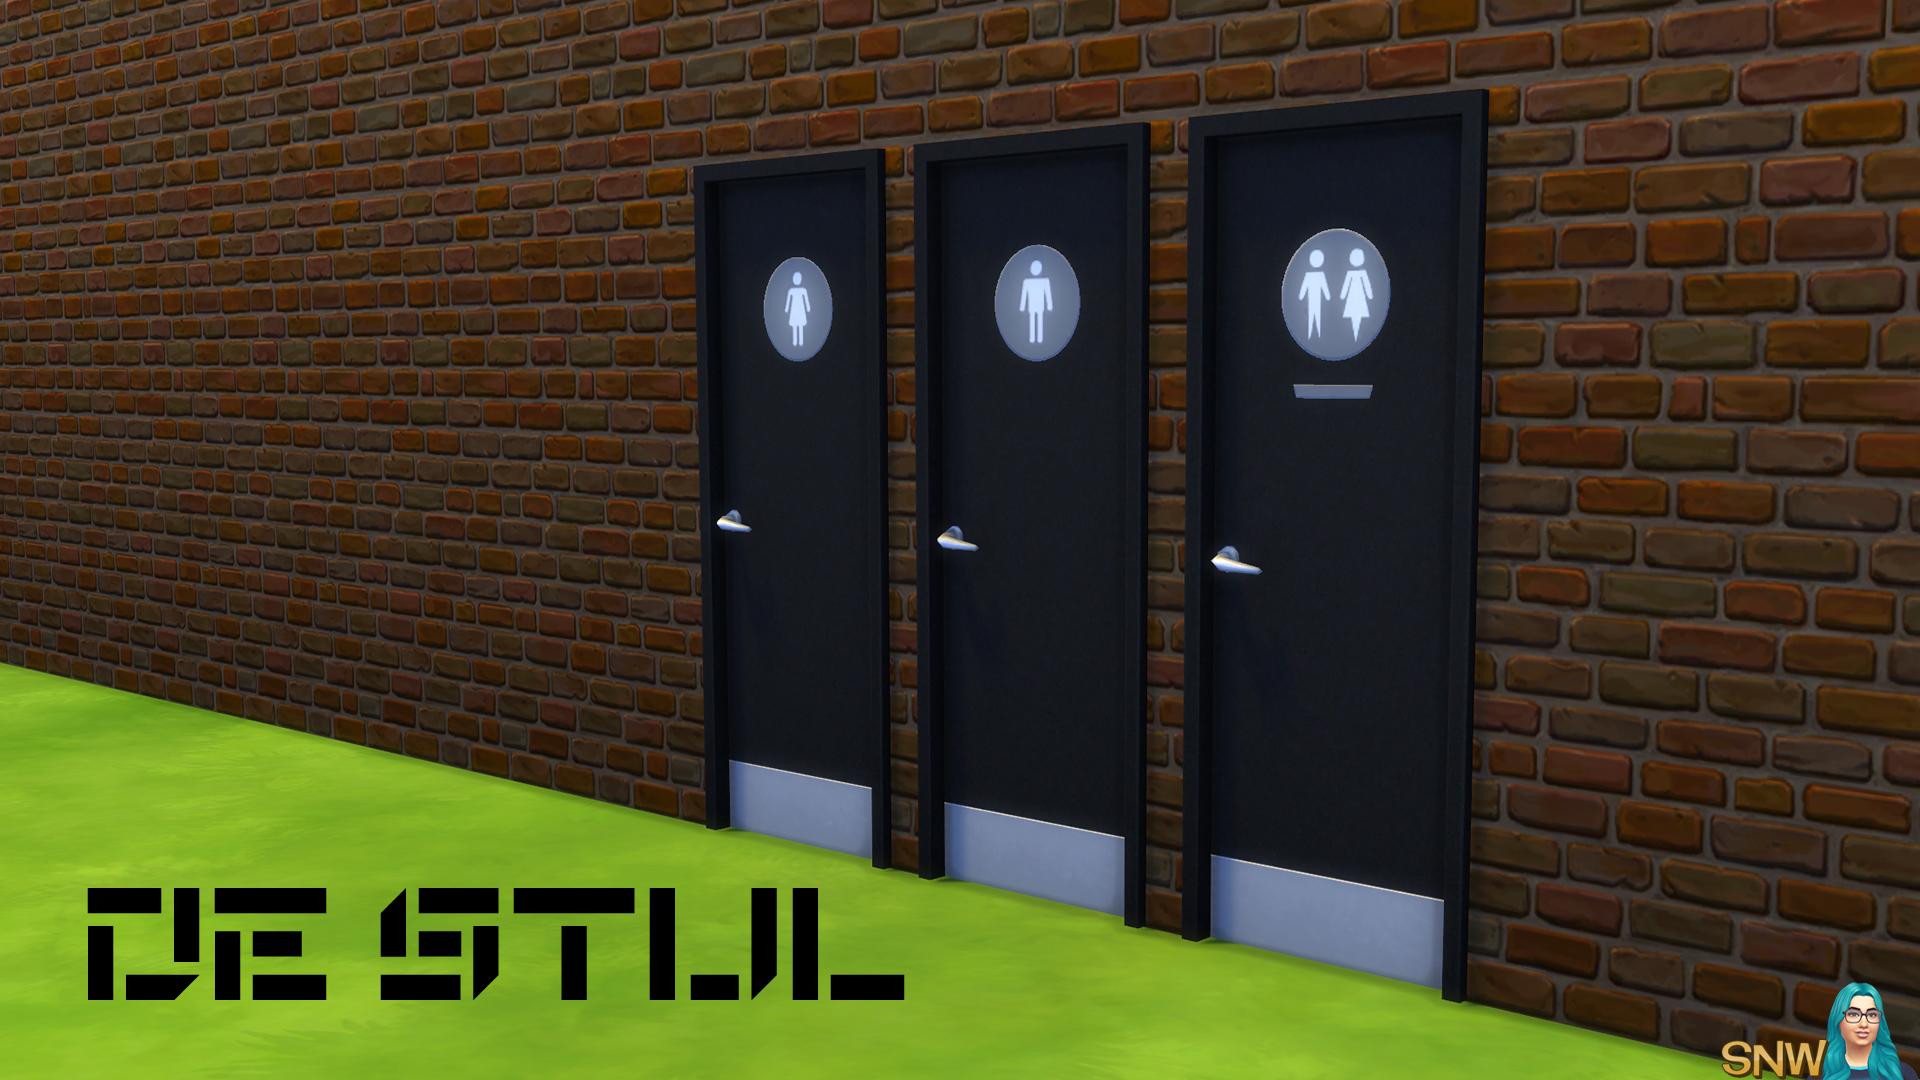 De stijl toilet doors snw games